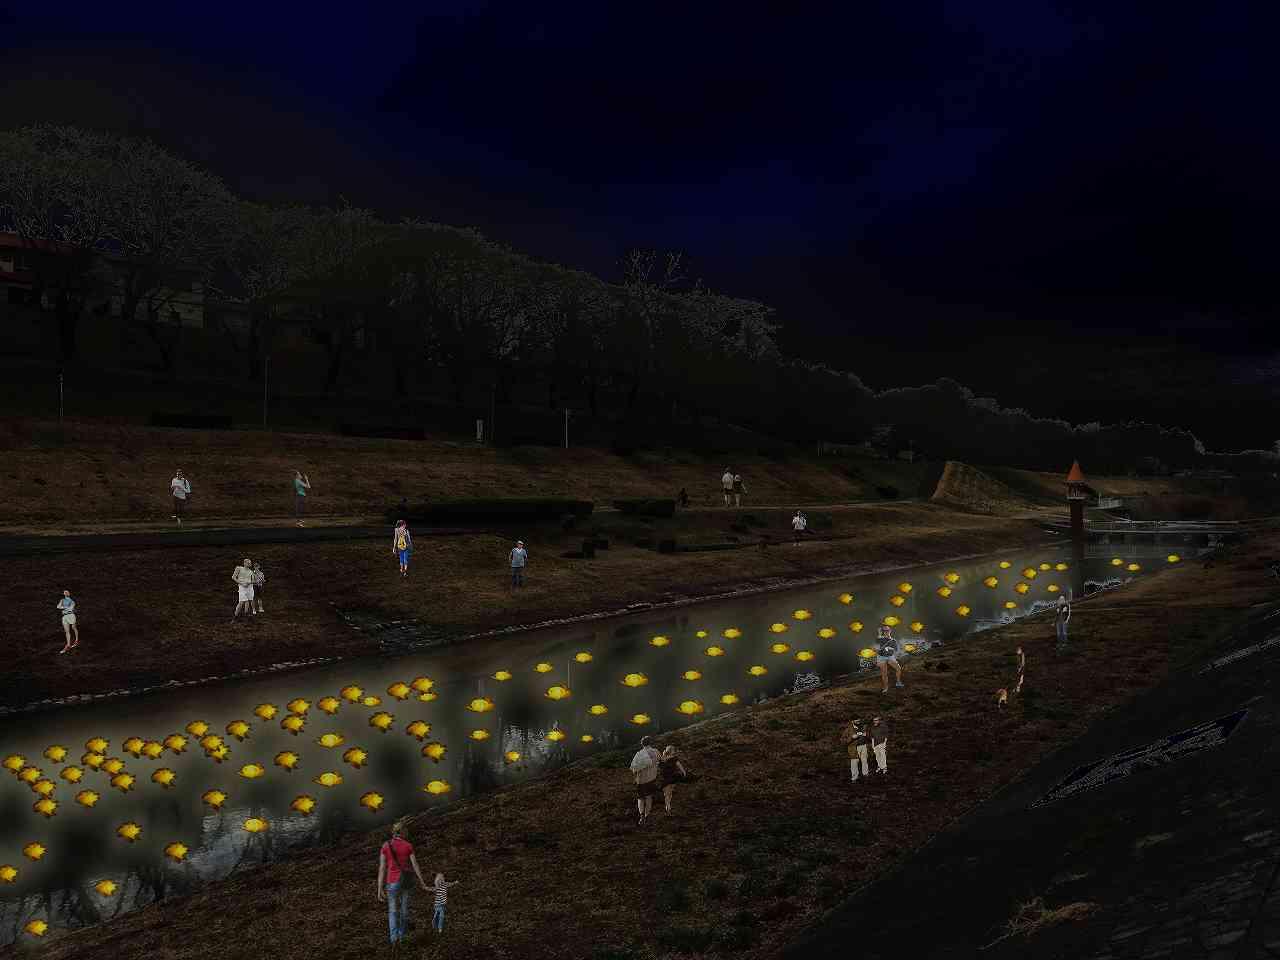 8月27日はシアターナイト、500個の灯ろうで利根運河が天の川に、光るグッズで水辺が夢舞台に